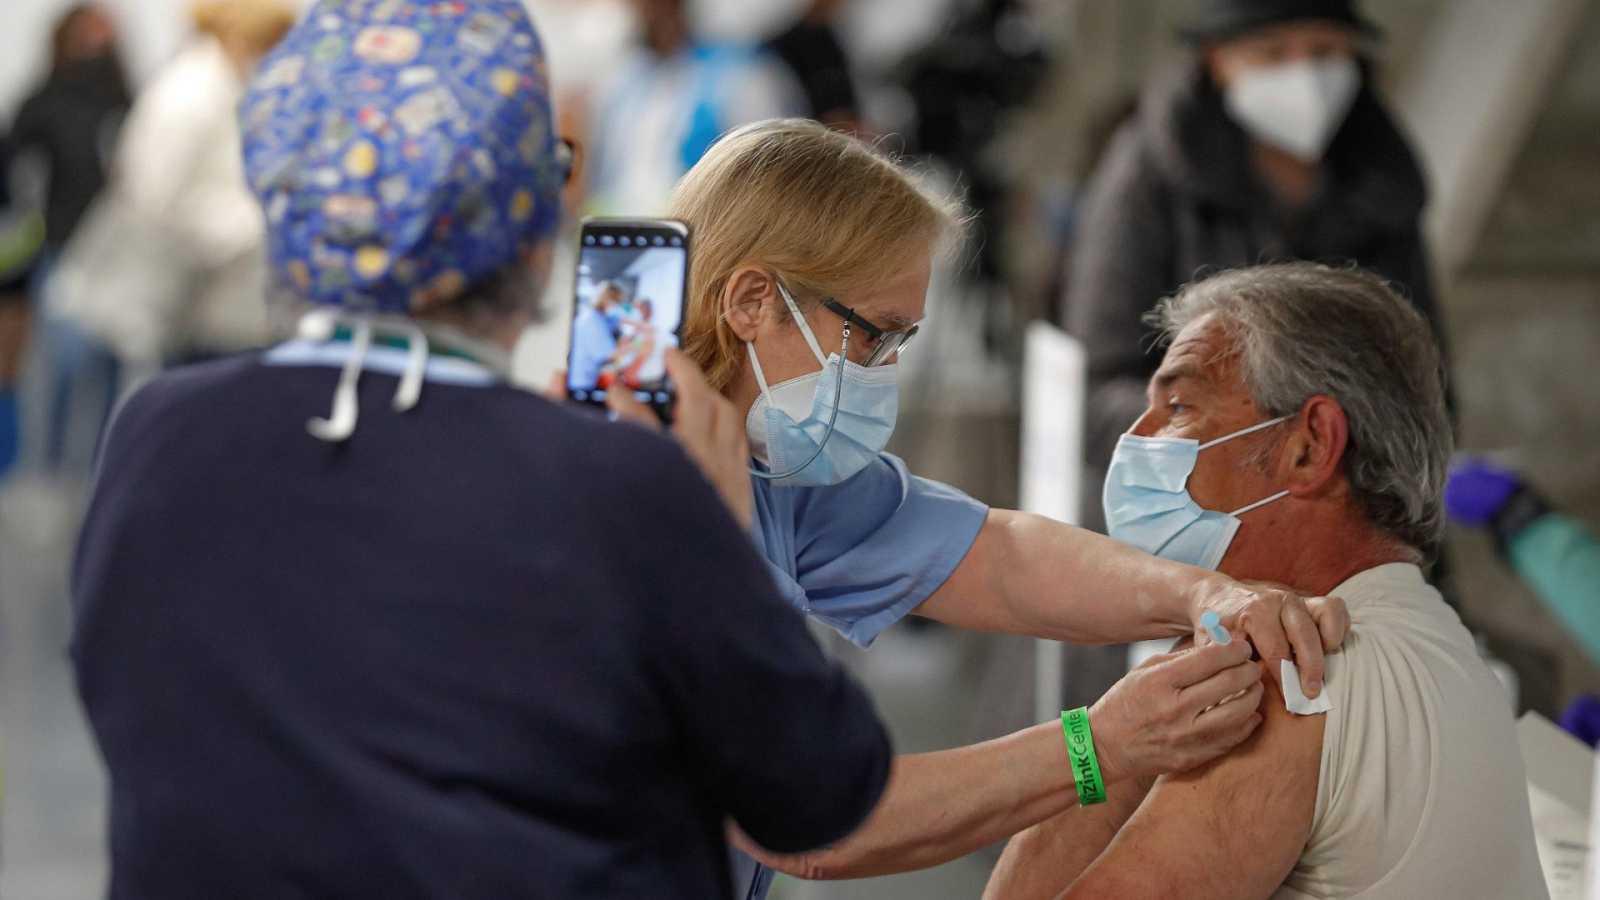 Una persona recibe una dosis de vacuna contra la COVID-19 en el Wizink Center de Madrid